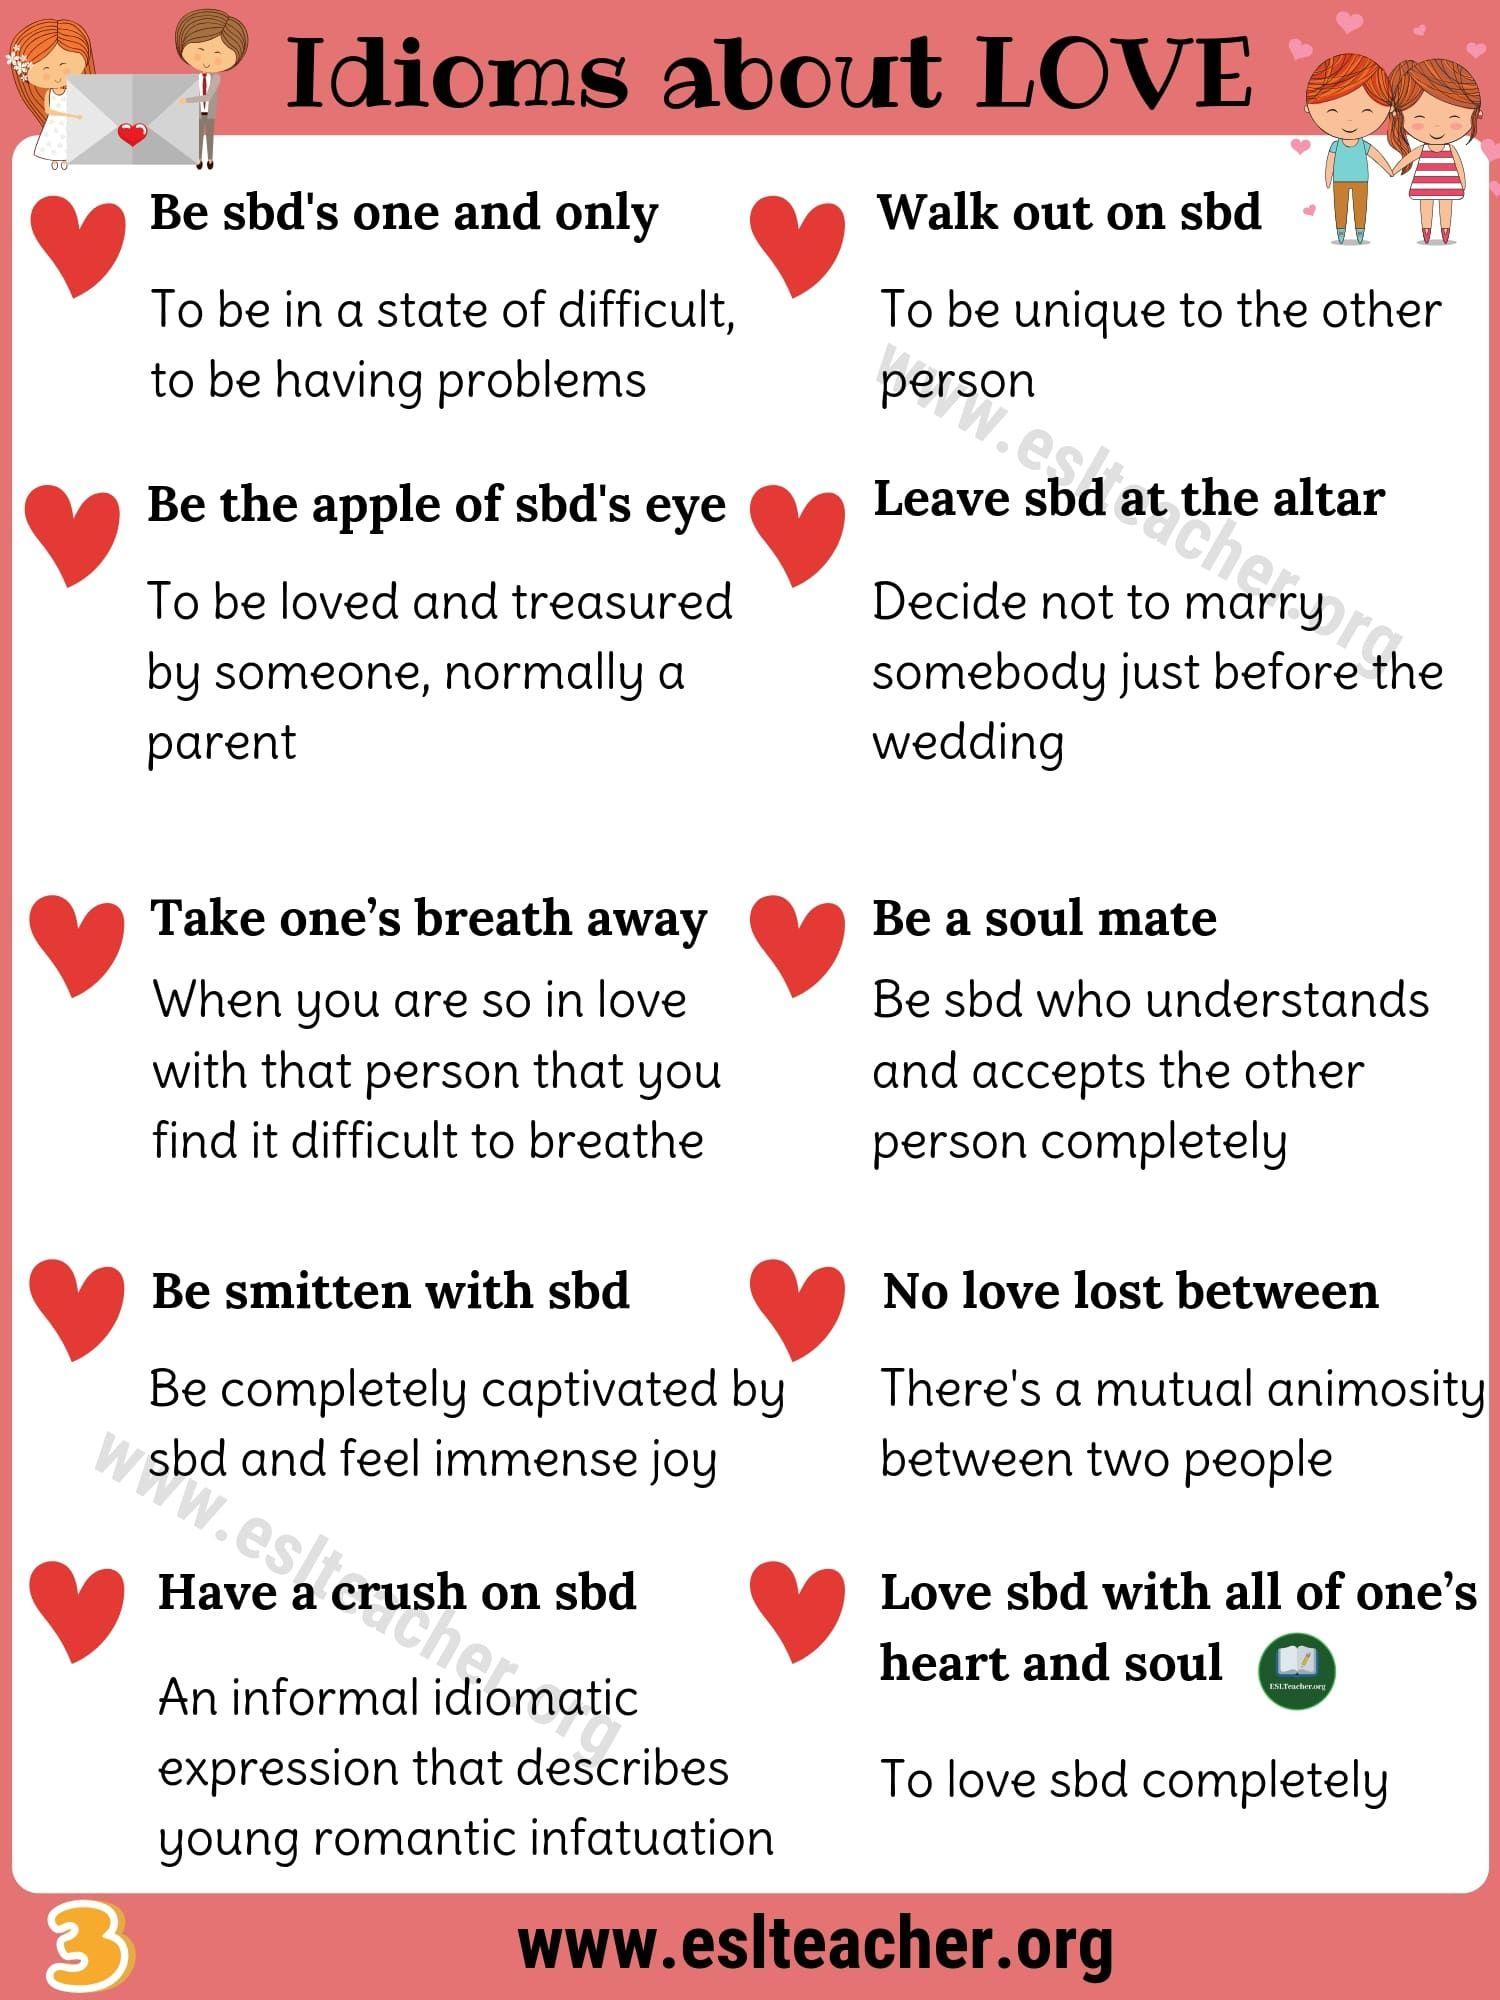 Love idioms esl